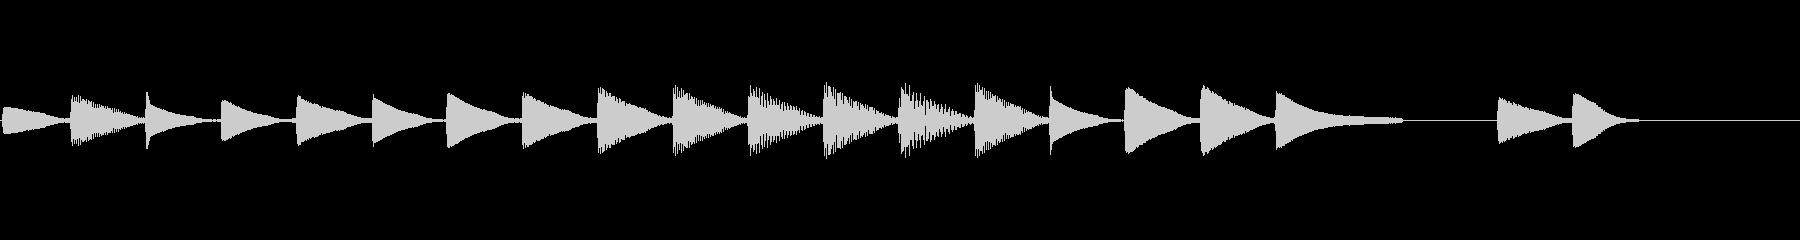 共鳴する秋のビープ音シーケンスの未再生の波形